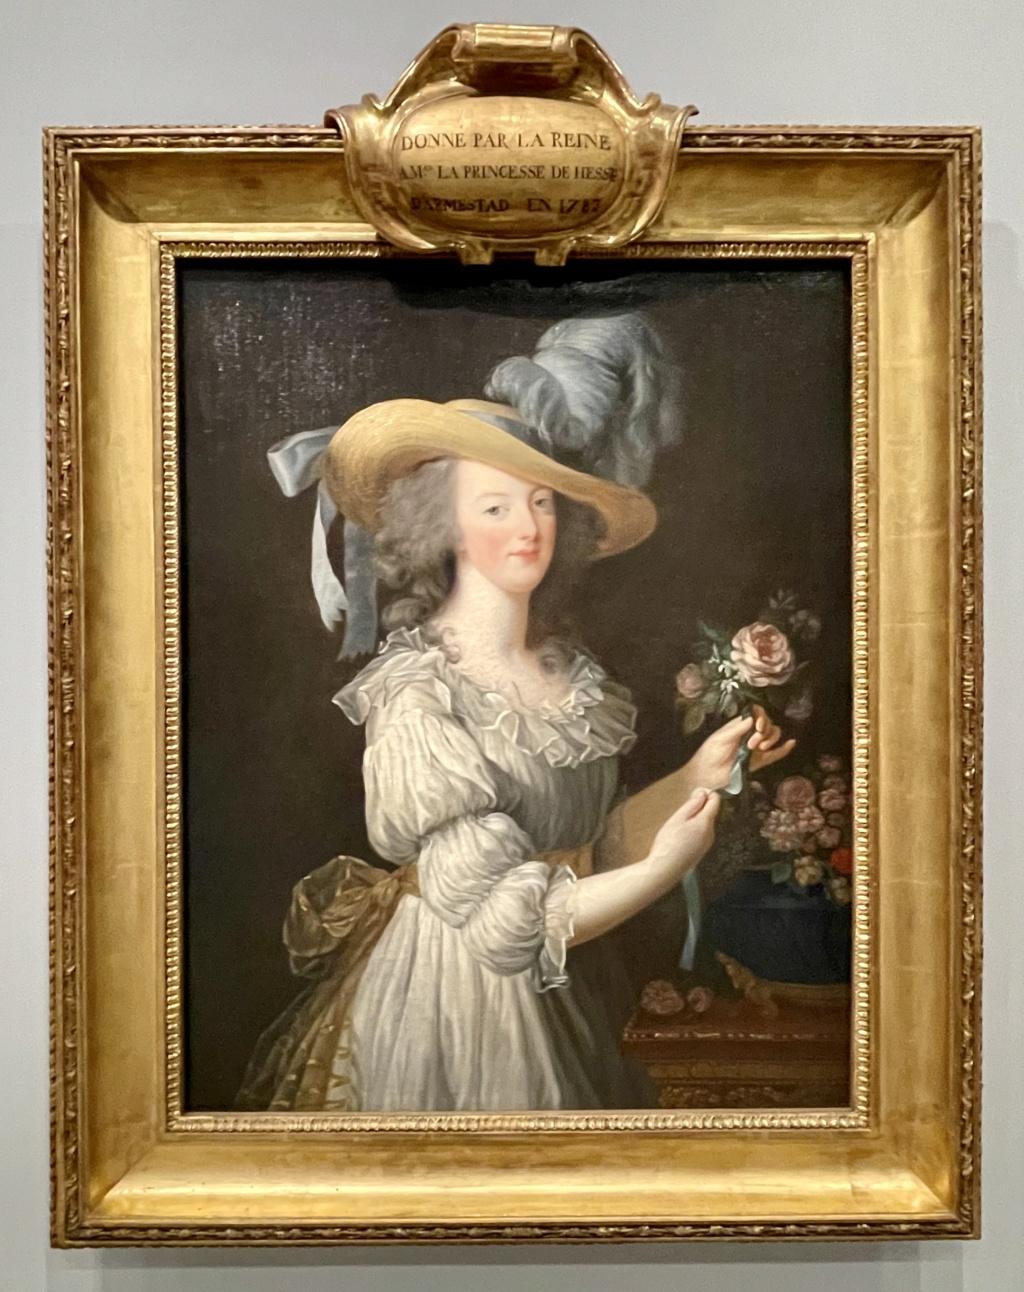 Louise-Henriette-Caroline de Hesse-Darmstadt, une amie de Marie-Antoinette - Page 2 Cd0bc510